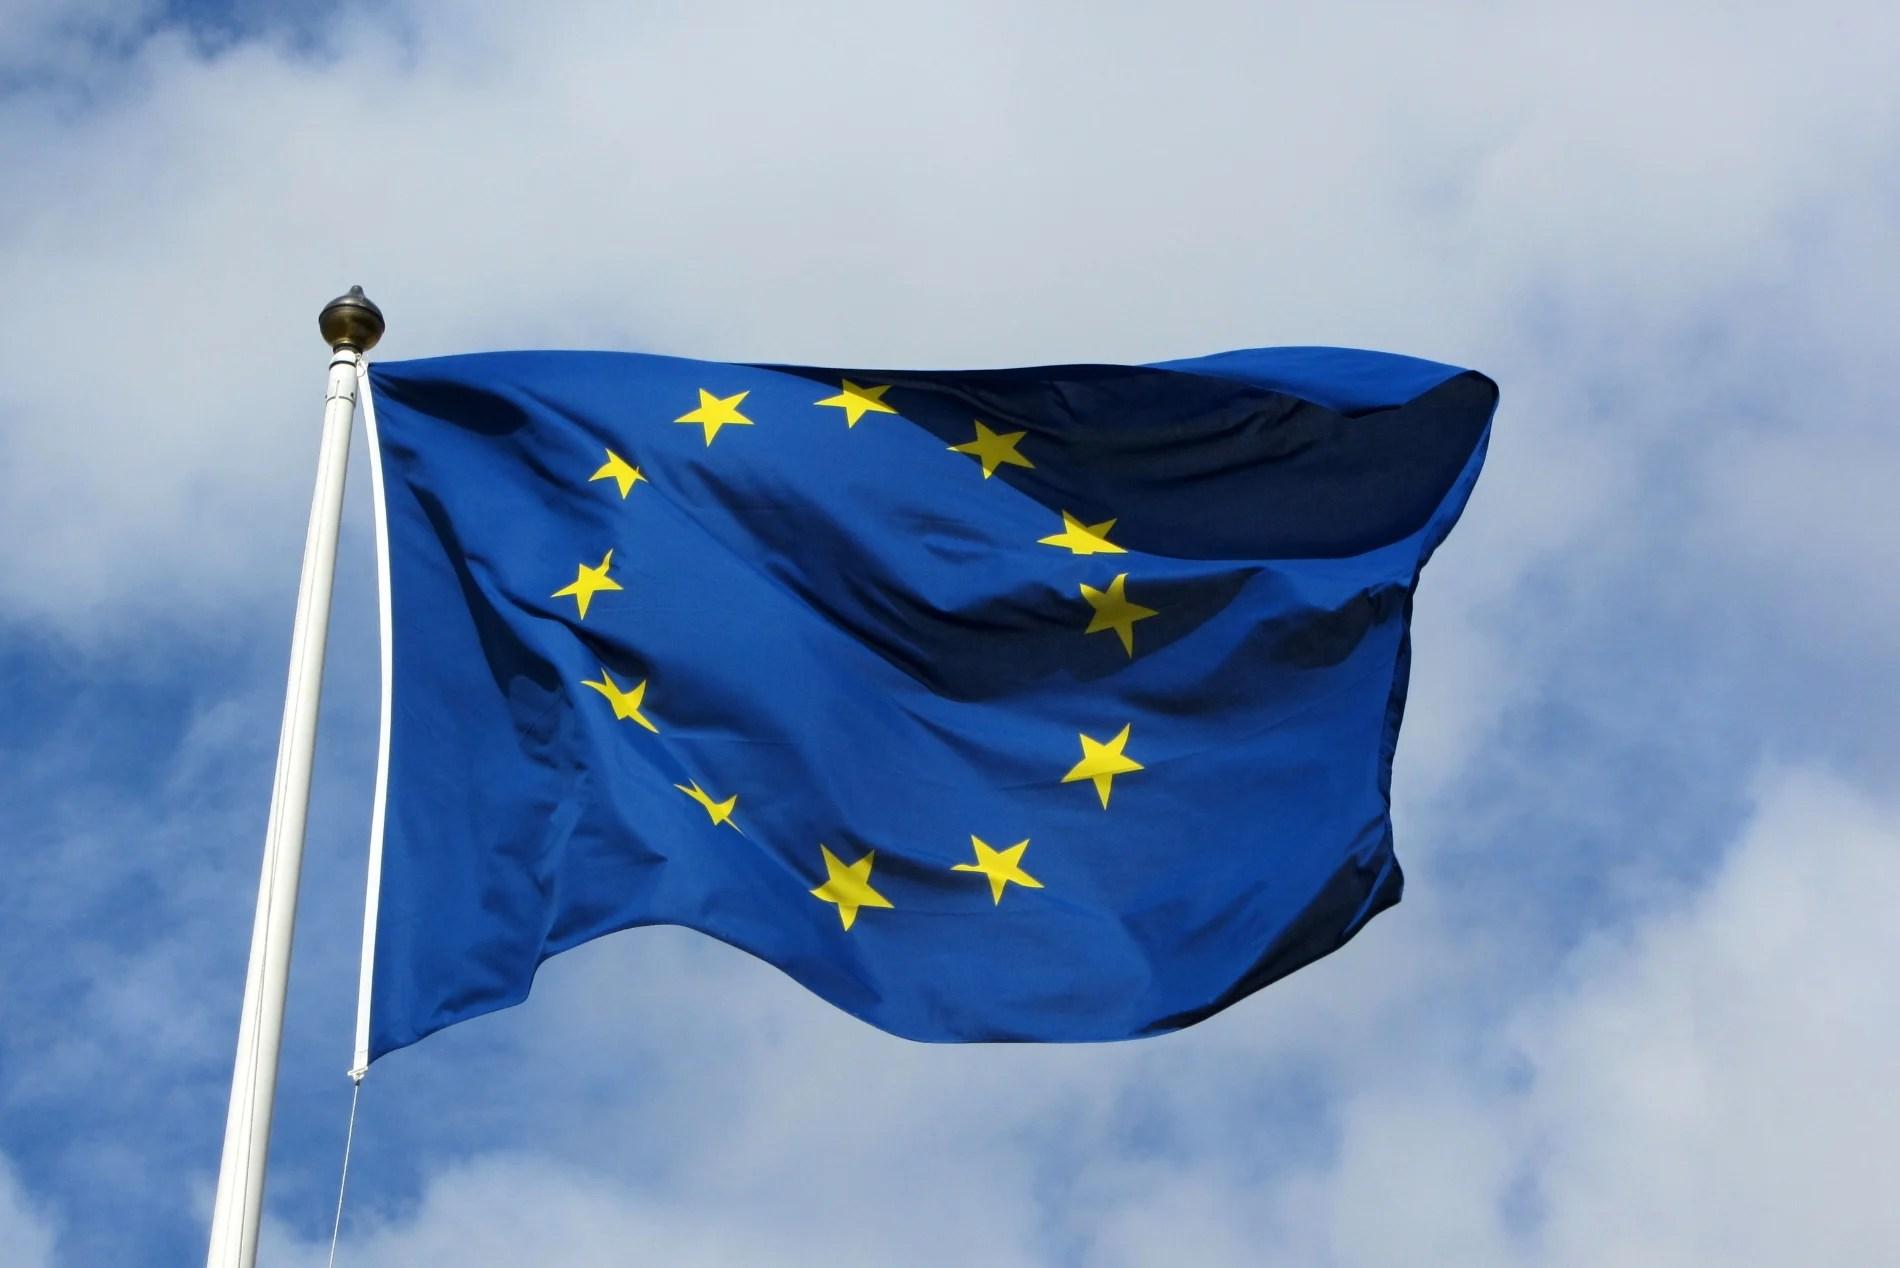 5G : Huawei pourrait être banni dans toute l'Union européenne